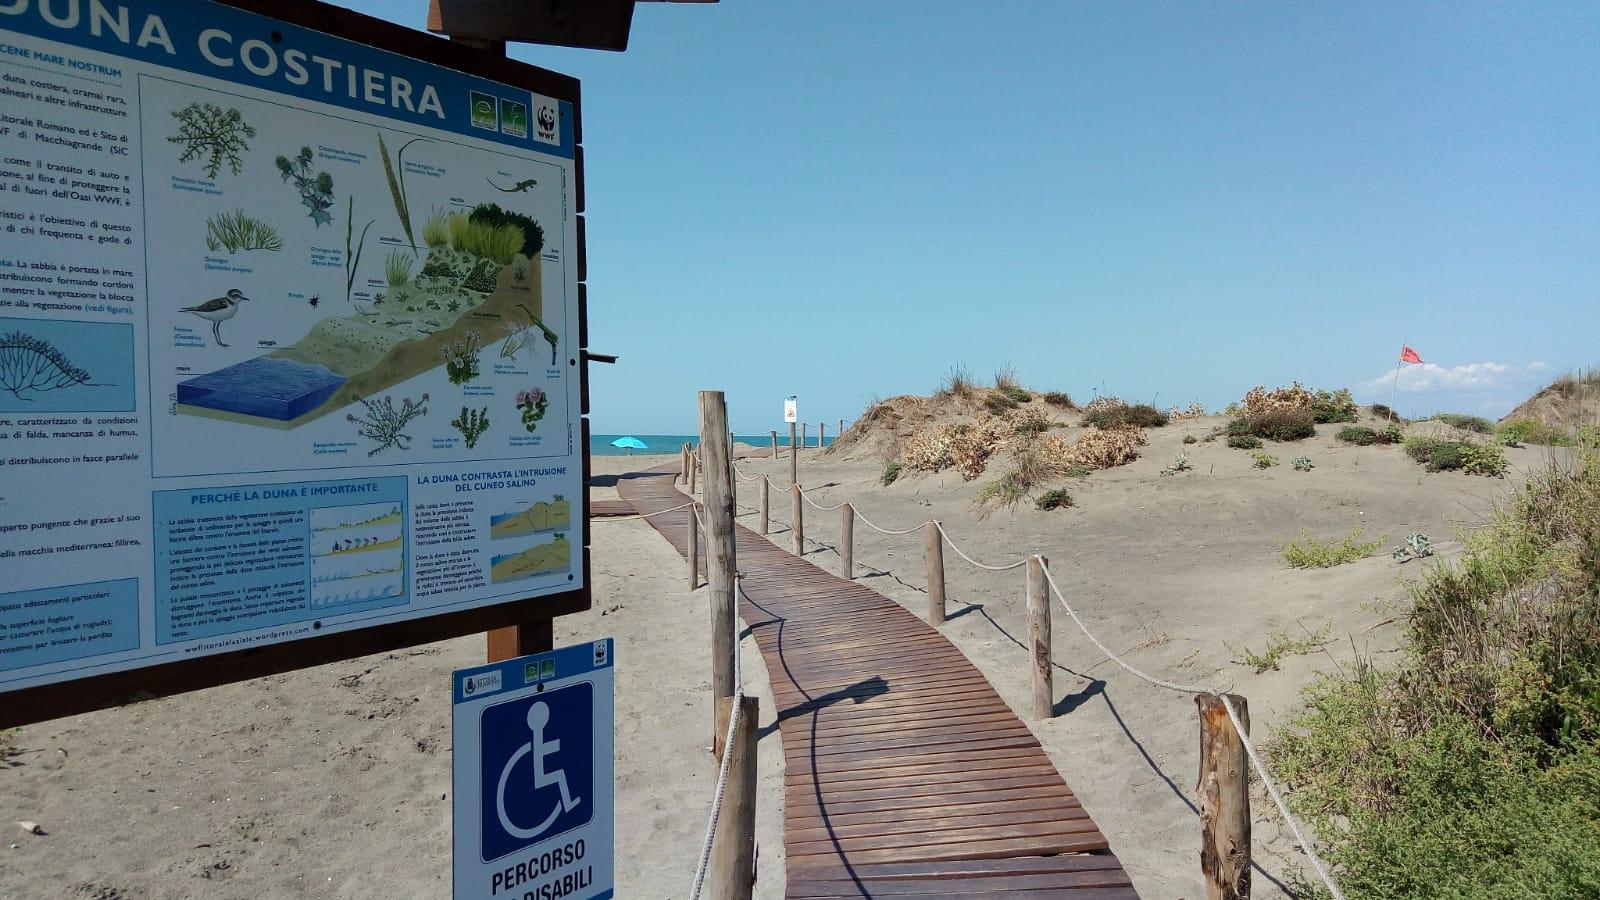 Dune costiere Focene nord, presentati i risultati del progetto realizzato con il WWF Litorale Laziale